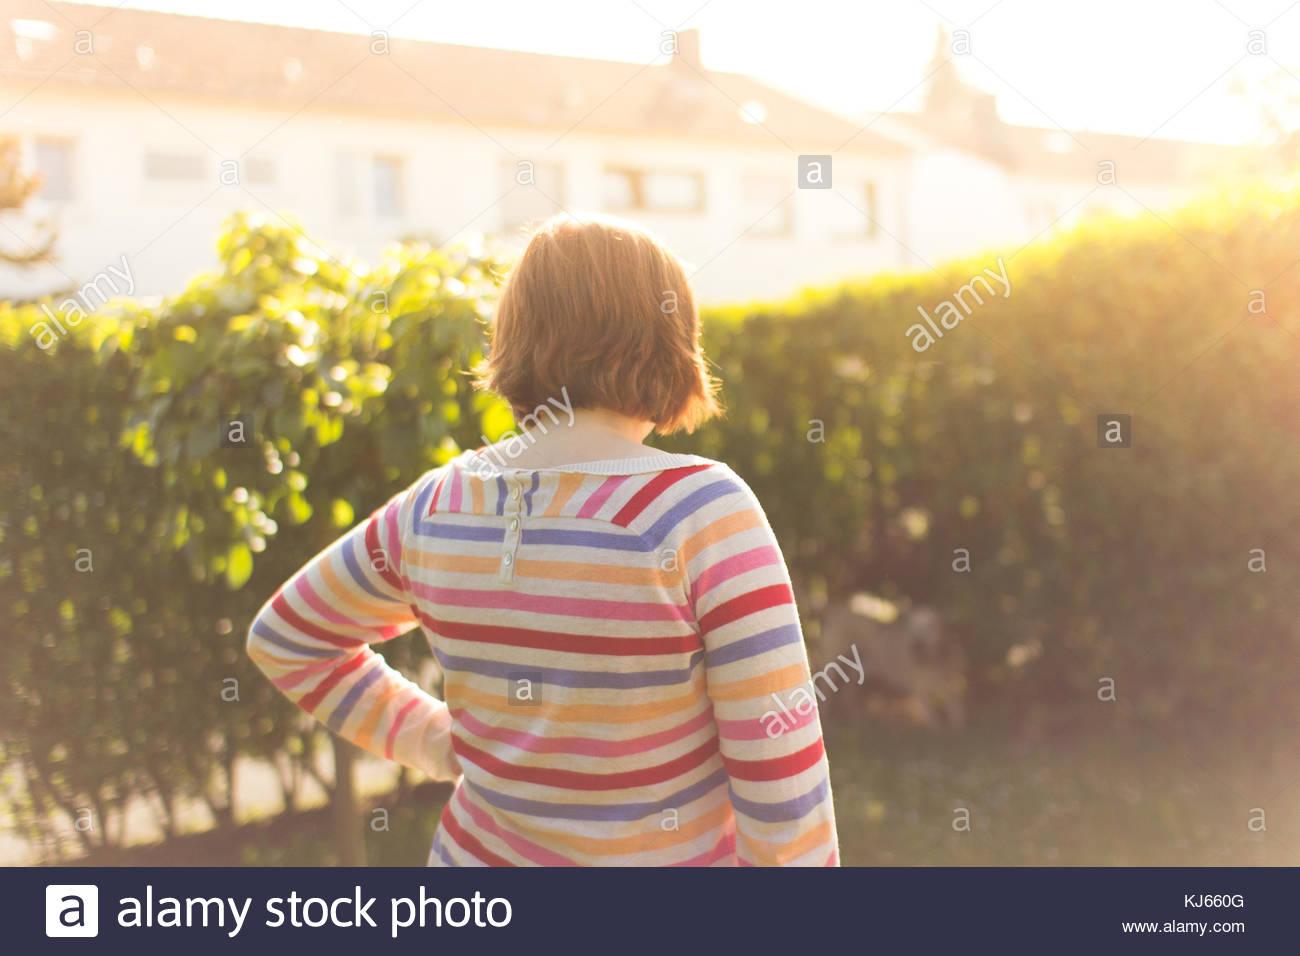 Frau in einem Vorort von Hedgefonds Stockbild